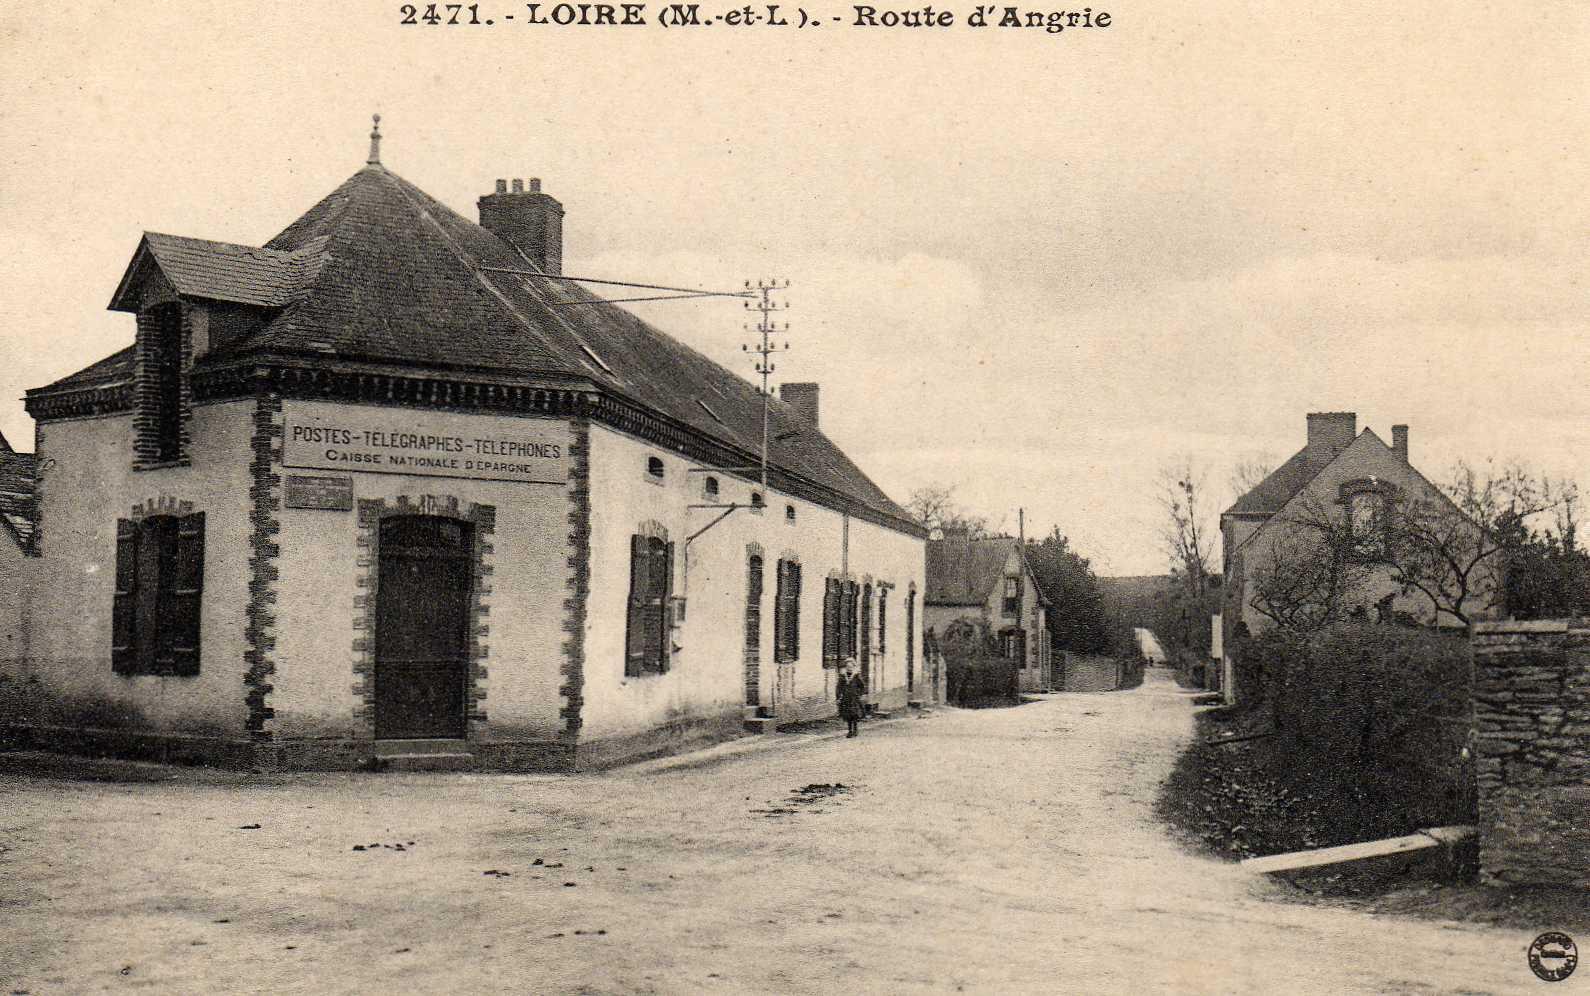 Cartes Postales Loiré